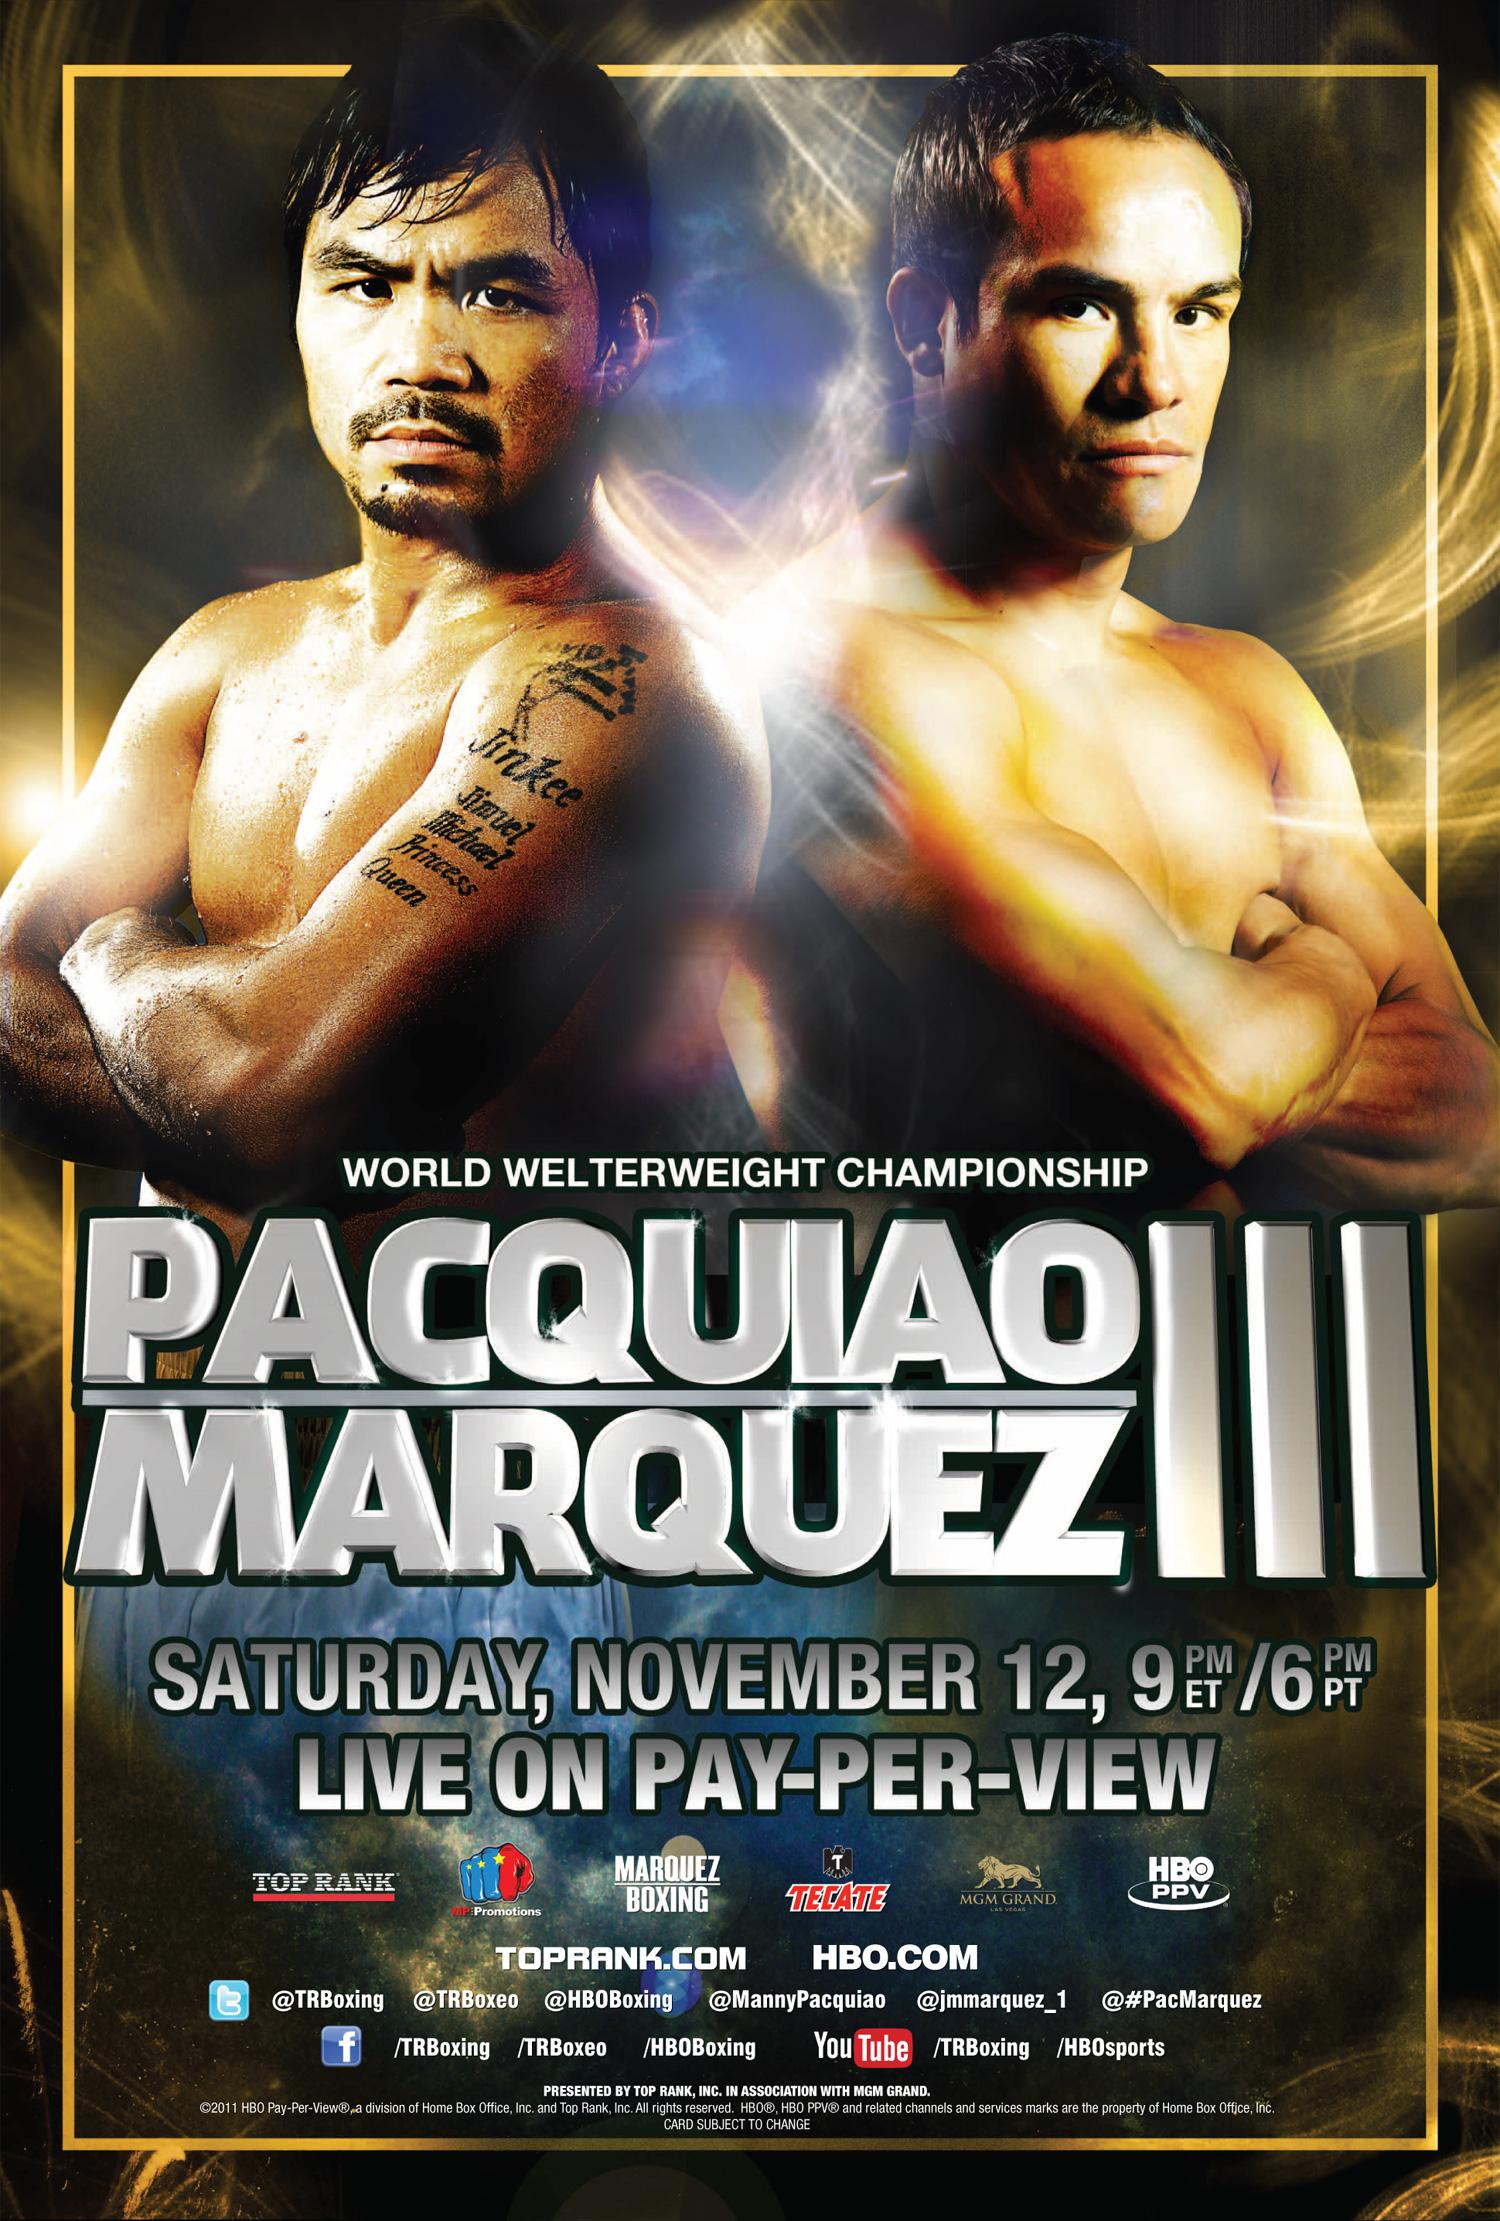 Manny Pacquiao vs. Juan Manuel Marquez III